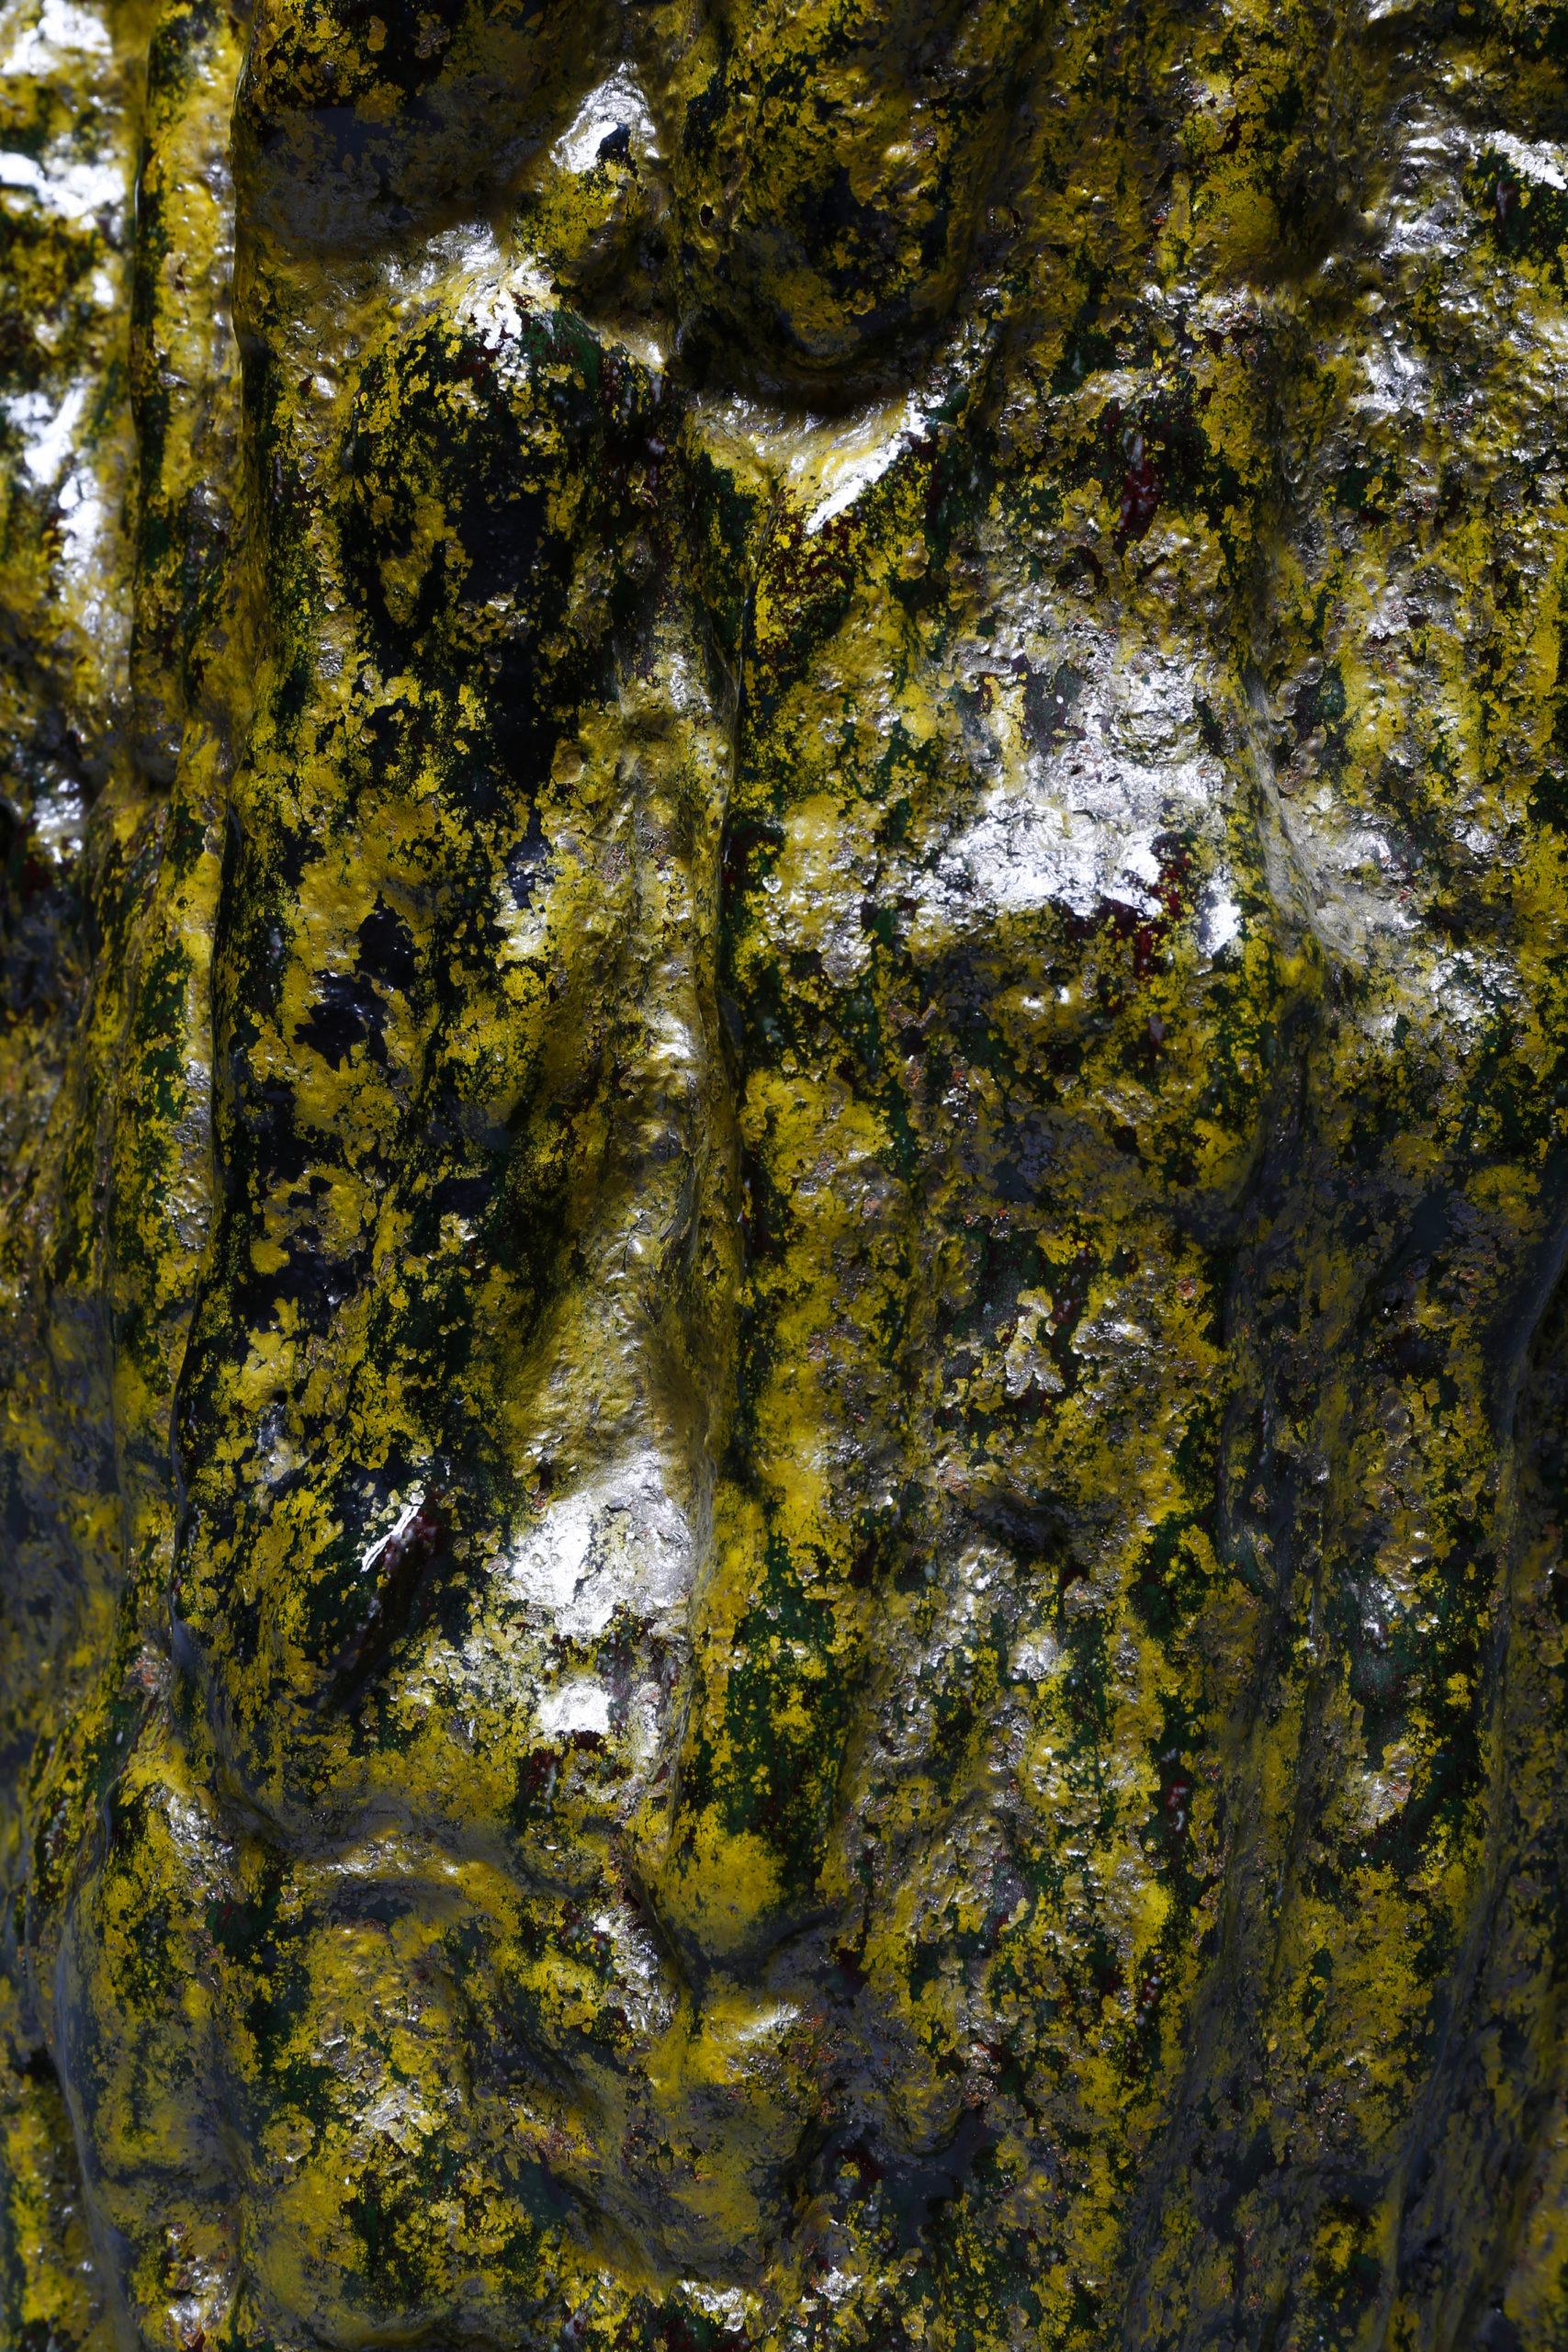 Sculpture émaillée lichen Alain Gaudebert - Galerie Avenir - © Philippe Cibille